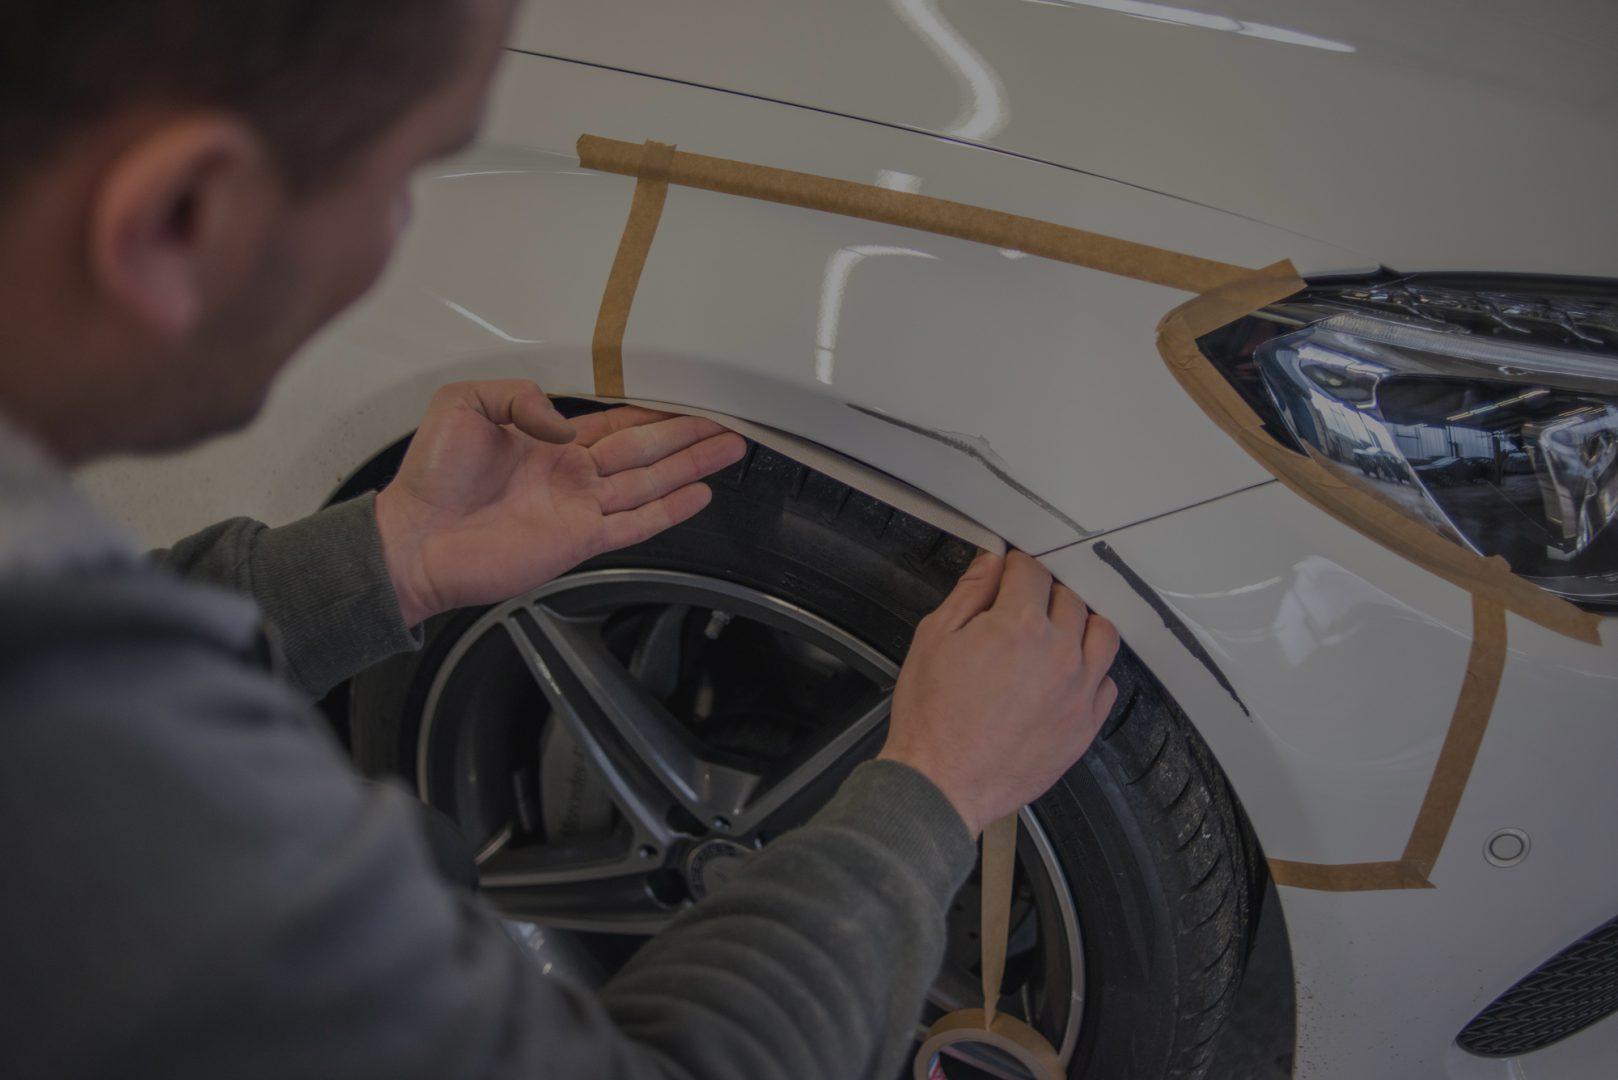 Abkleben des Autos Krafa Autolackiererei Herne